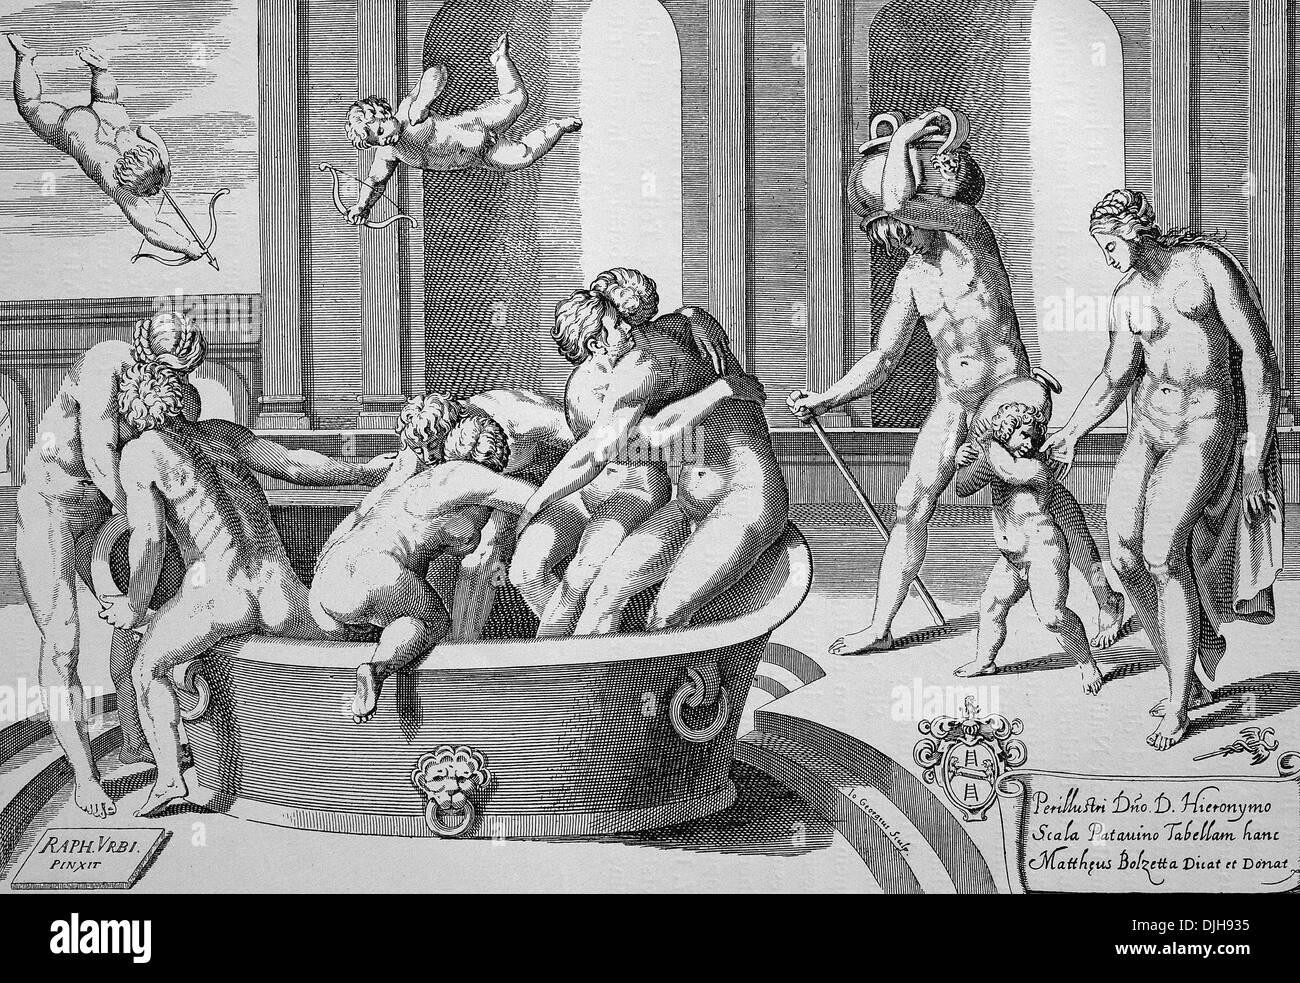 """La mujer y Mens"""" casa de baños, grabado en cobre después de un mural para el baño del Cardenal Bibiena, Vaticano, 1600 Imagen De Stock"""